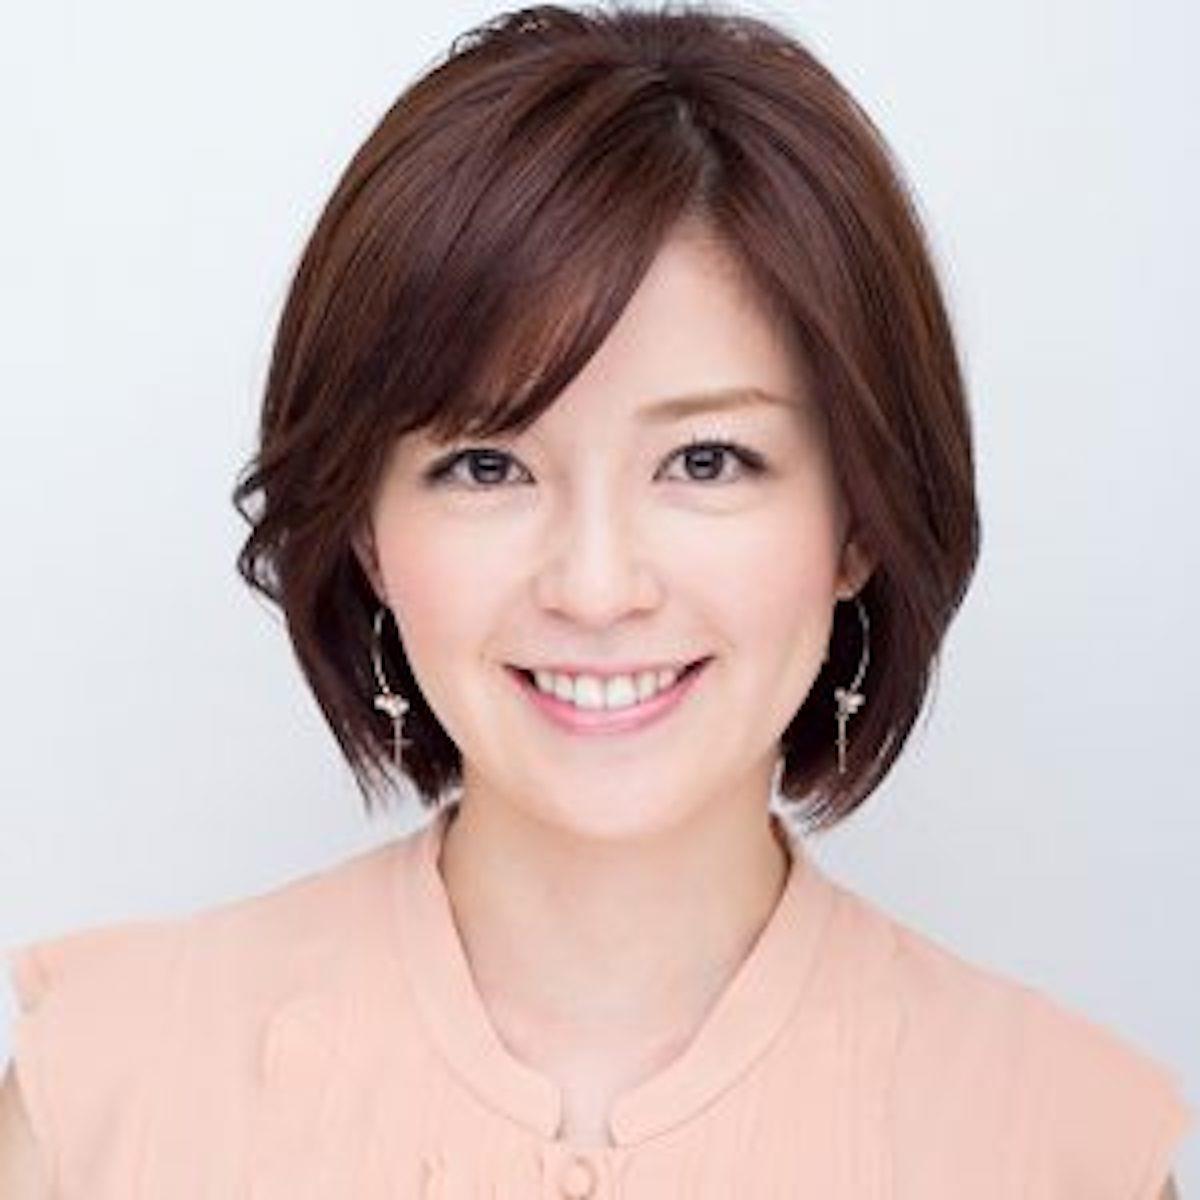 中野美奈子アナ、6月末フジ退社と『とくダネ』冒頭で発表 海外